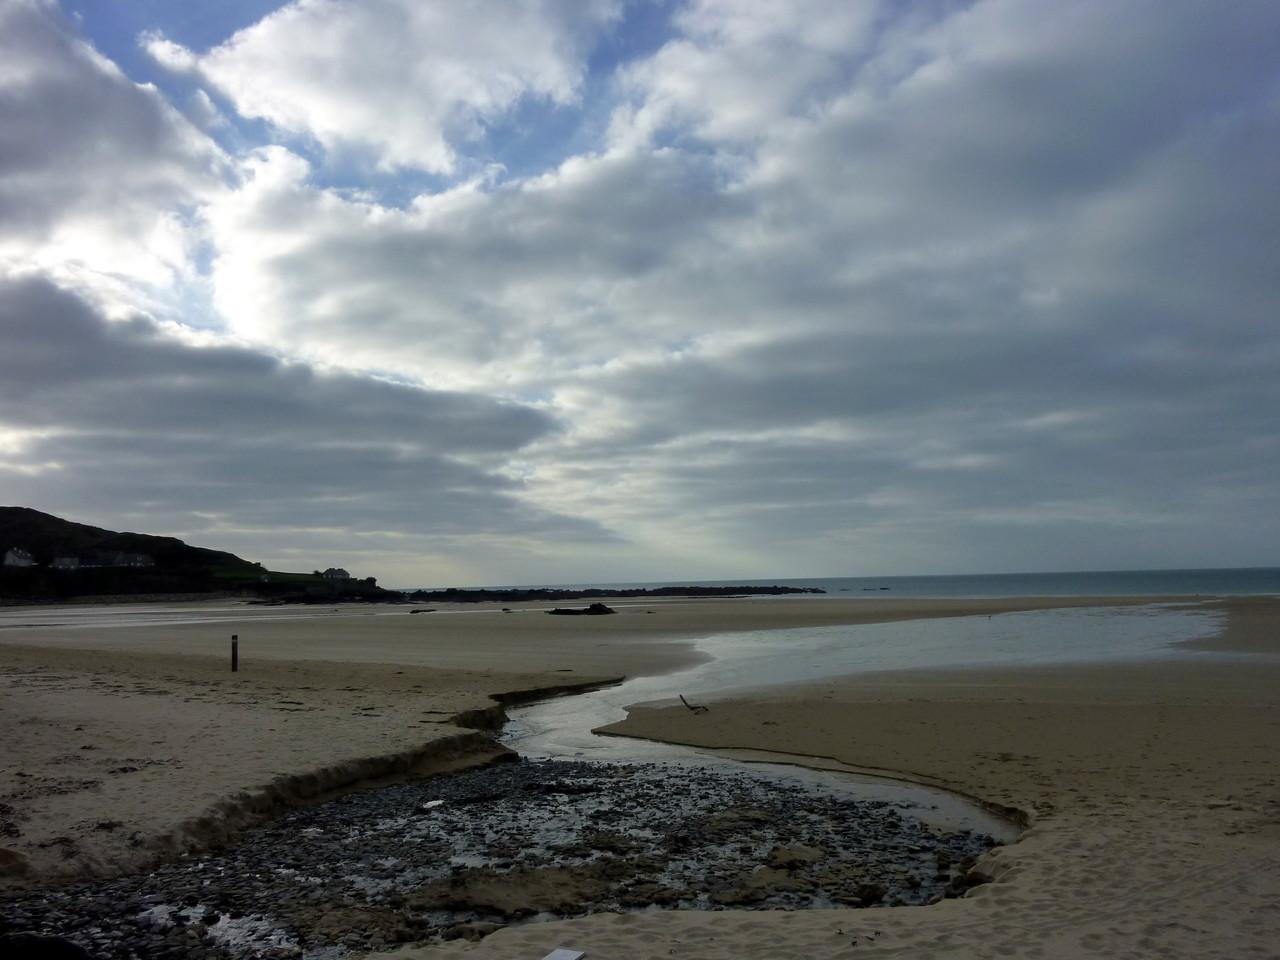 La plage de Siouville